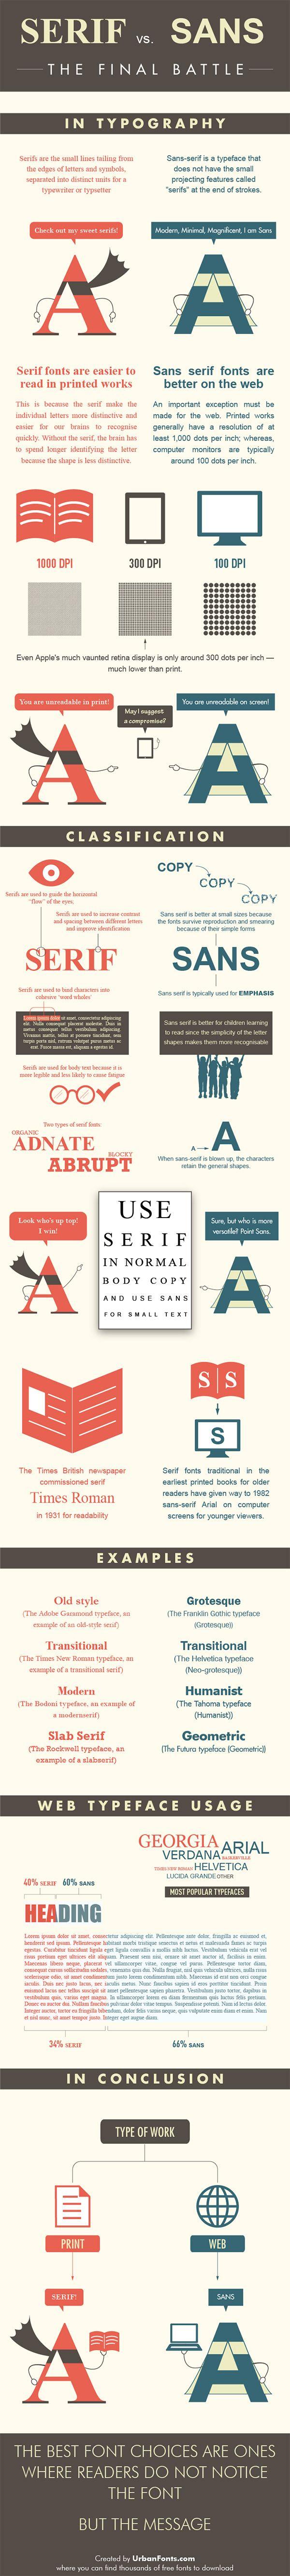 Serif vs. Sans Serif: la batalla final #infografia #infographic #design